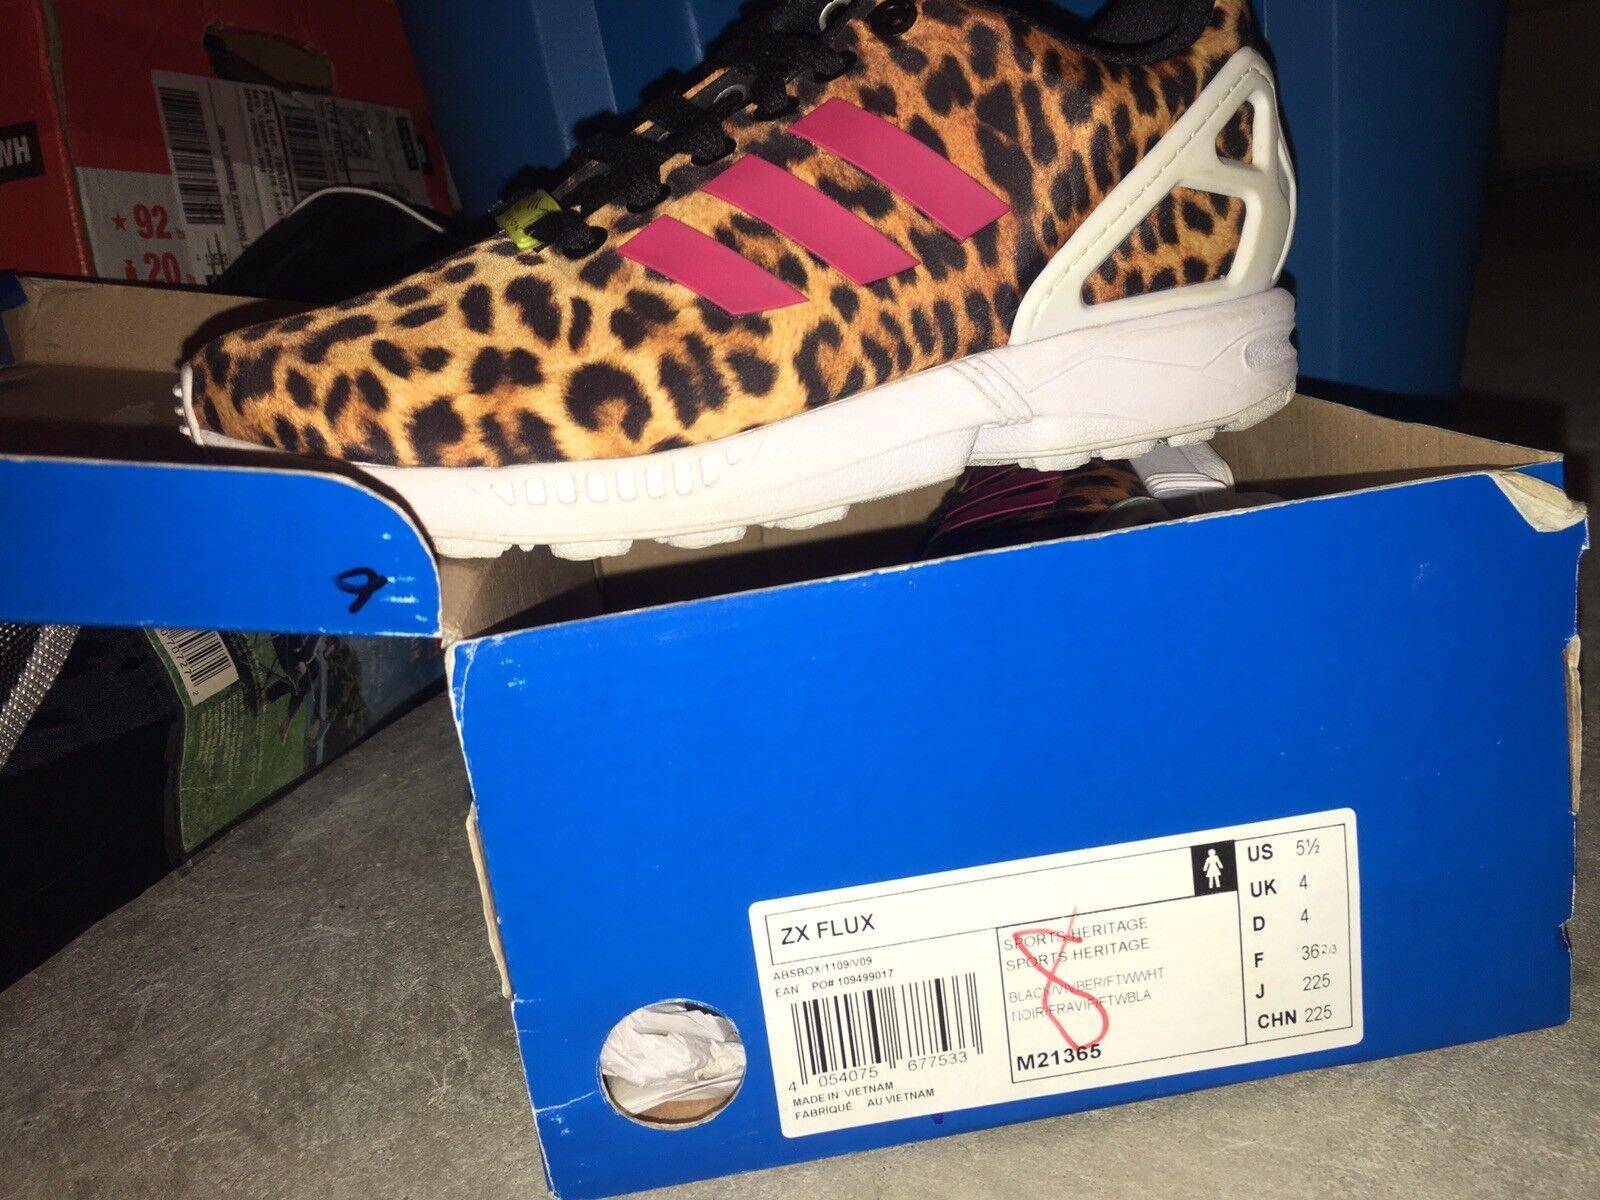 Adidas zx flujo Cheetah zapato de Jordan las mujeres Nike Air Jordan de Retro Yeezy Bape Supreme lote cf3f82